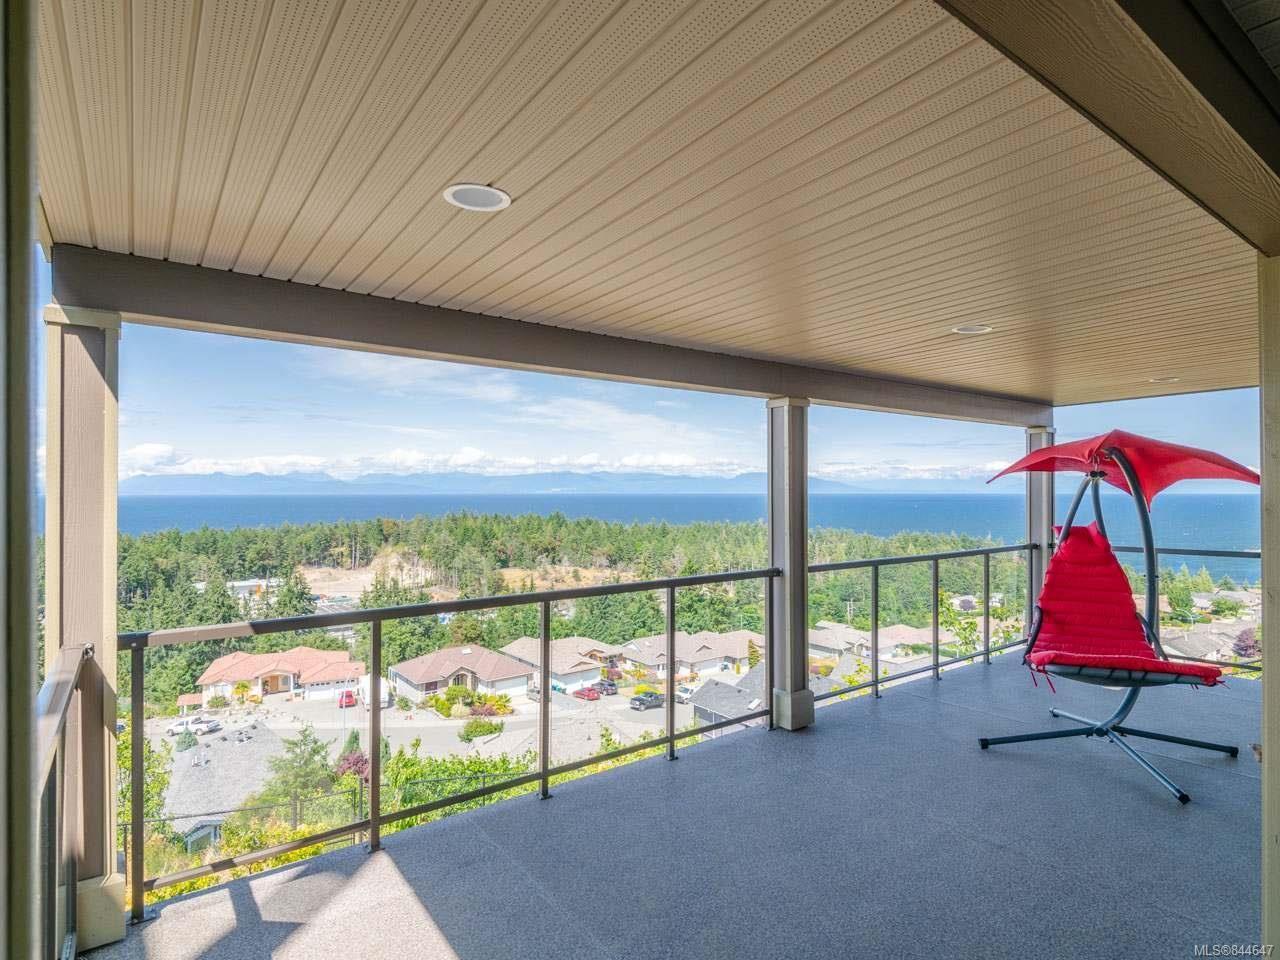 Photo 28: Photos: 4576 Laguna Way in NANAIMO: Na North Nanaimo House for sale (Nanaimo)  : MLS®# 844647